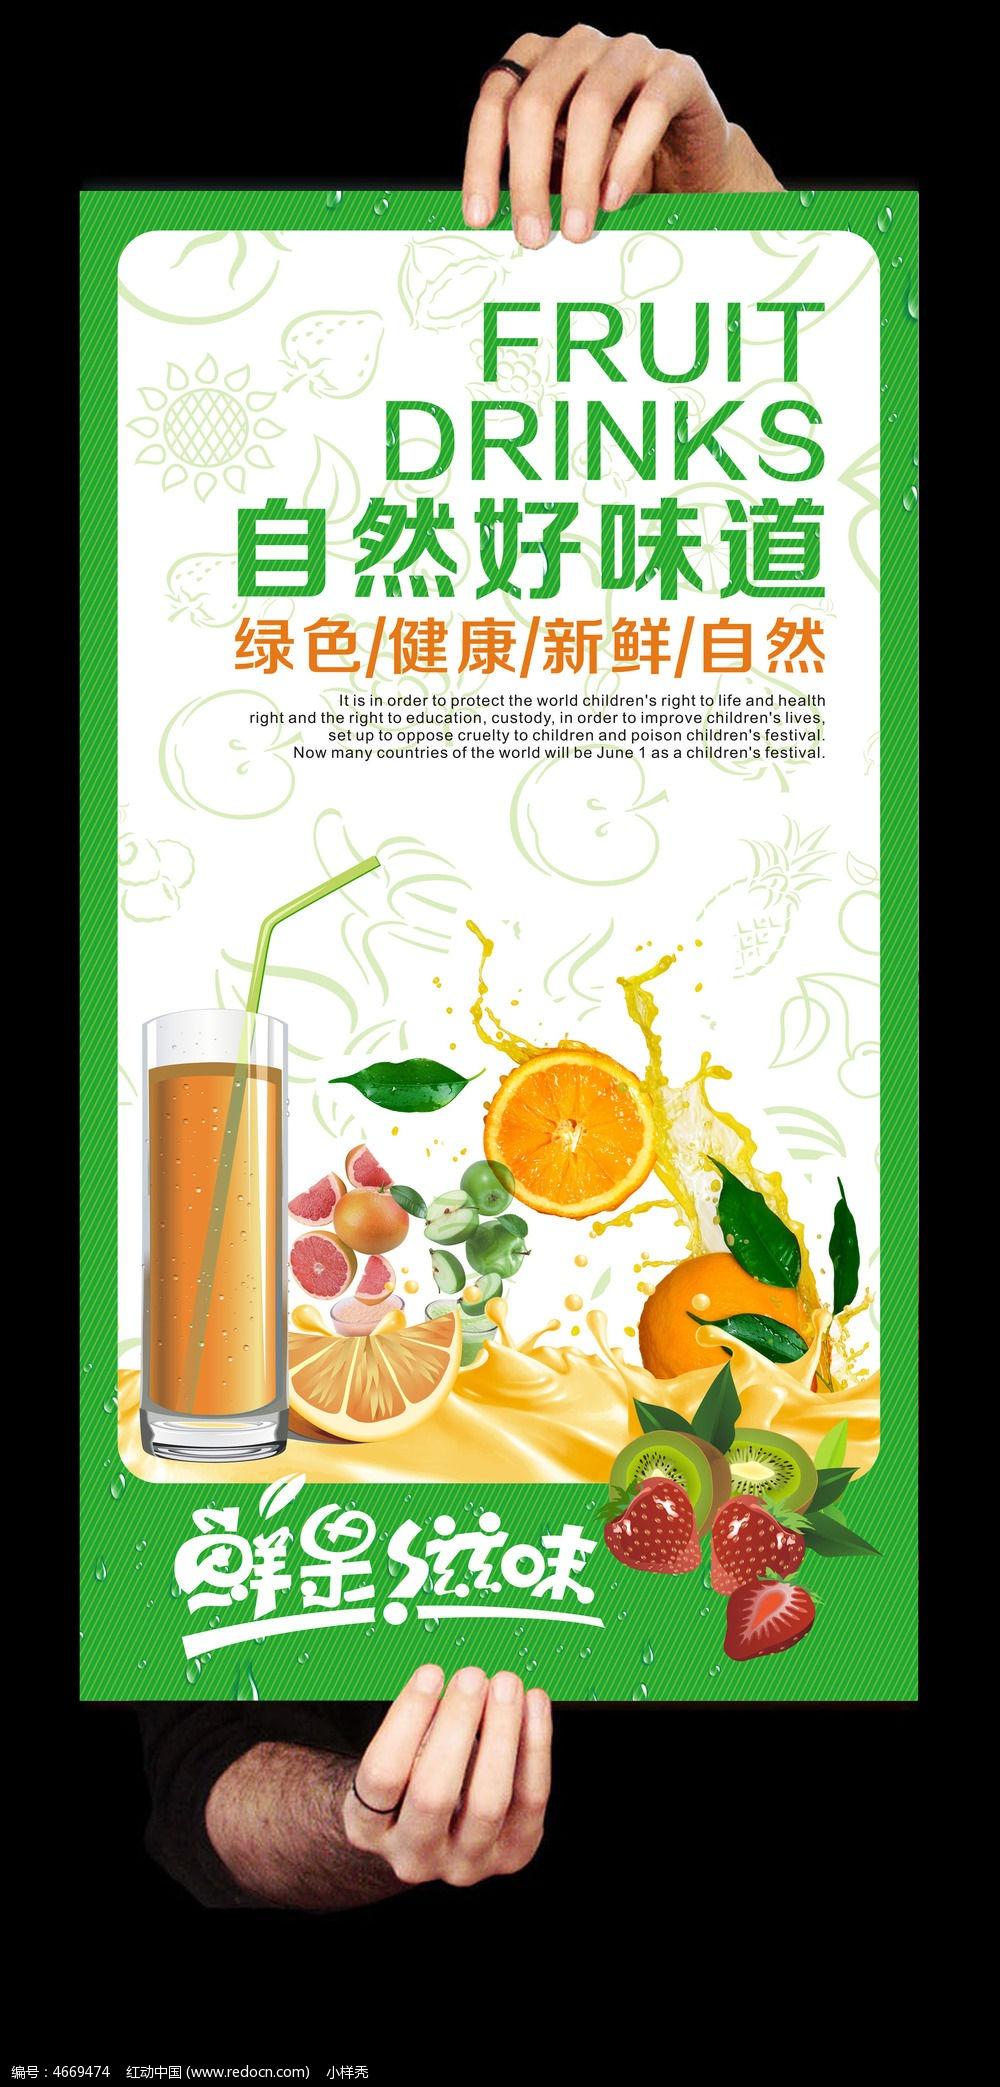 饮品店宣传海报_自然好味道水果饮品店宣传海报